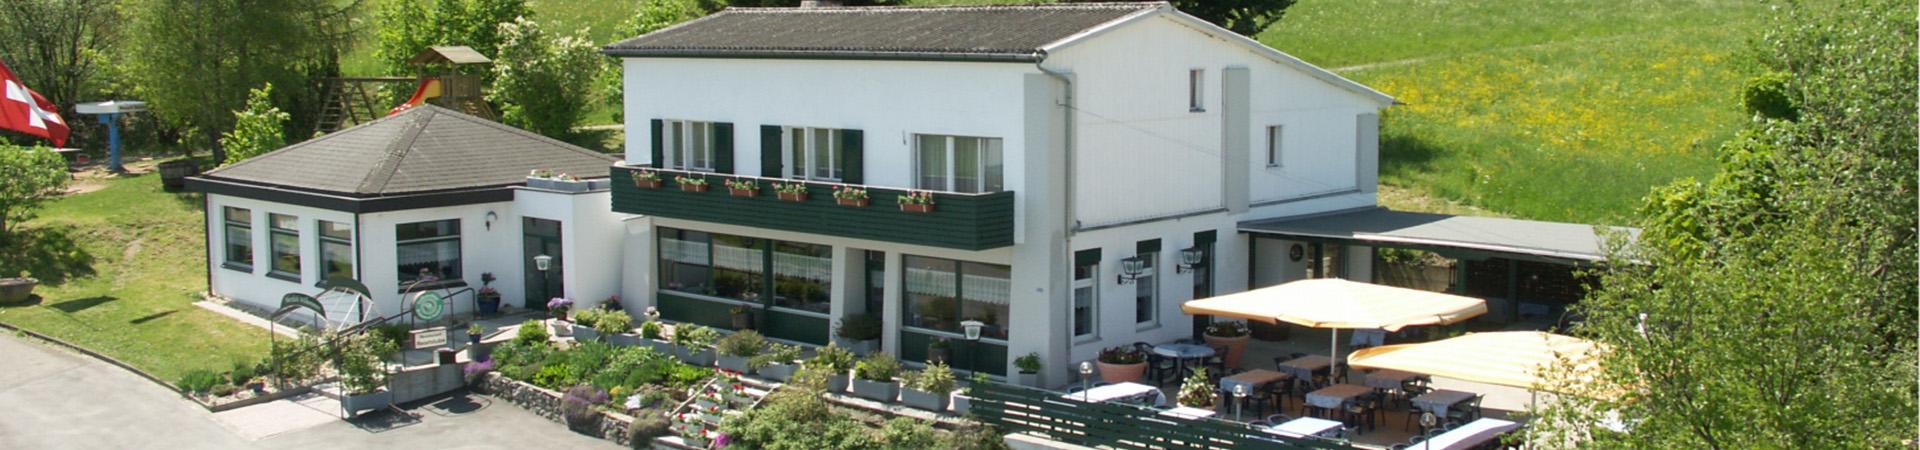 Restaurant-Reiatstube-Opfertshofen